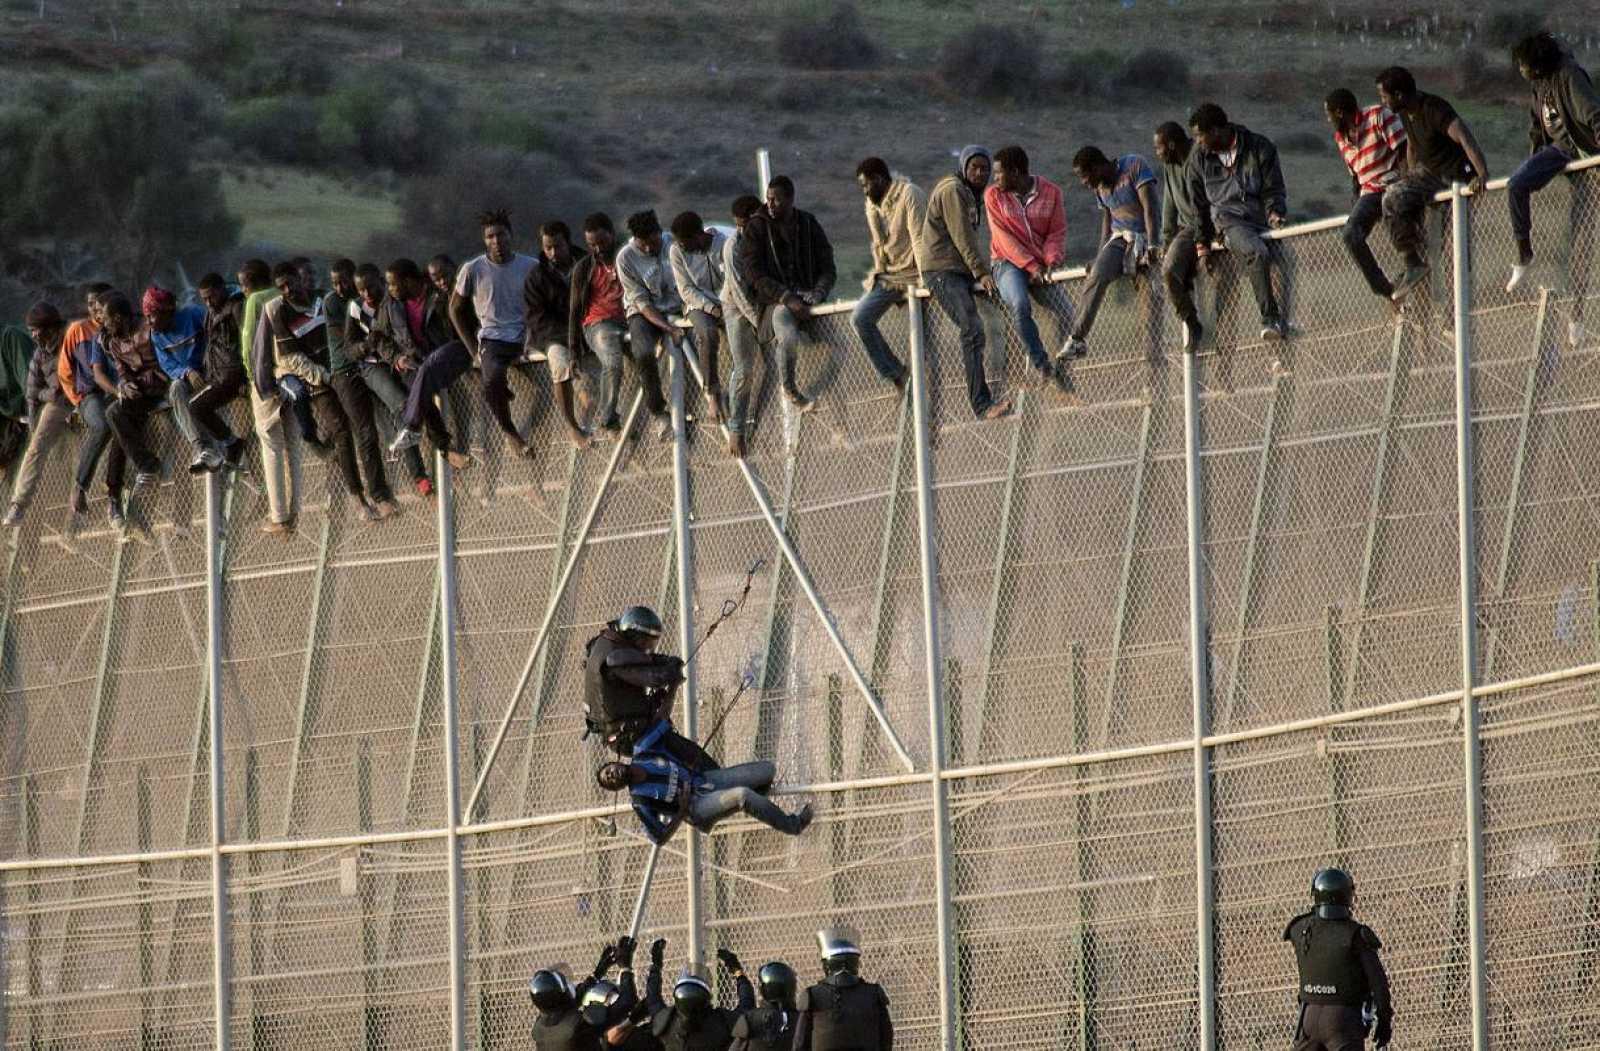 La Guardia Civil impide a un grupo de migrantes cruzar la valla de Melilla en una imagen de archivo.